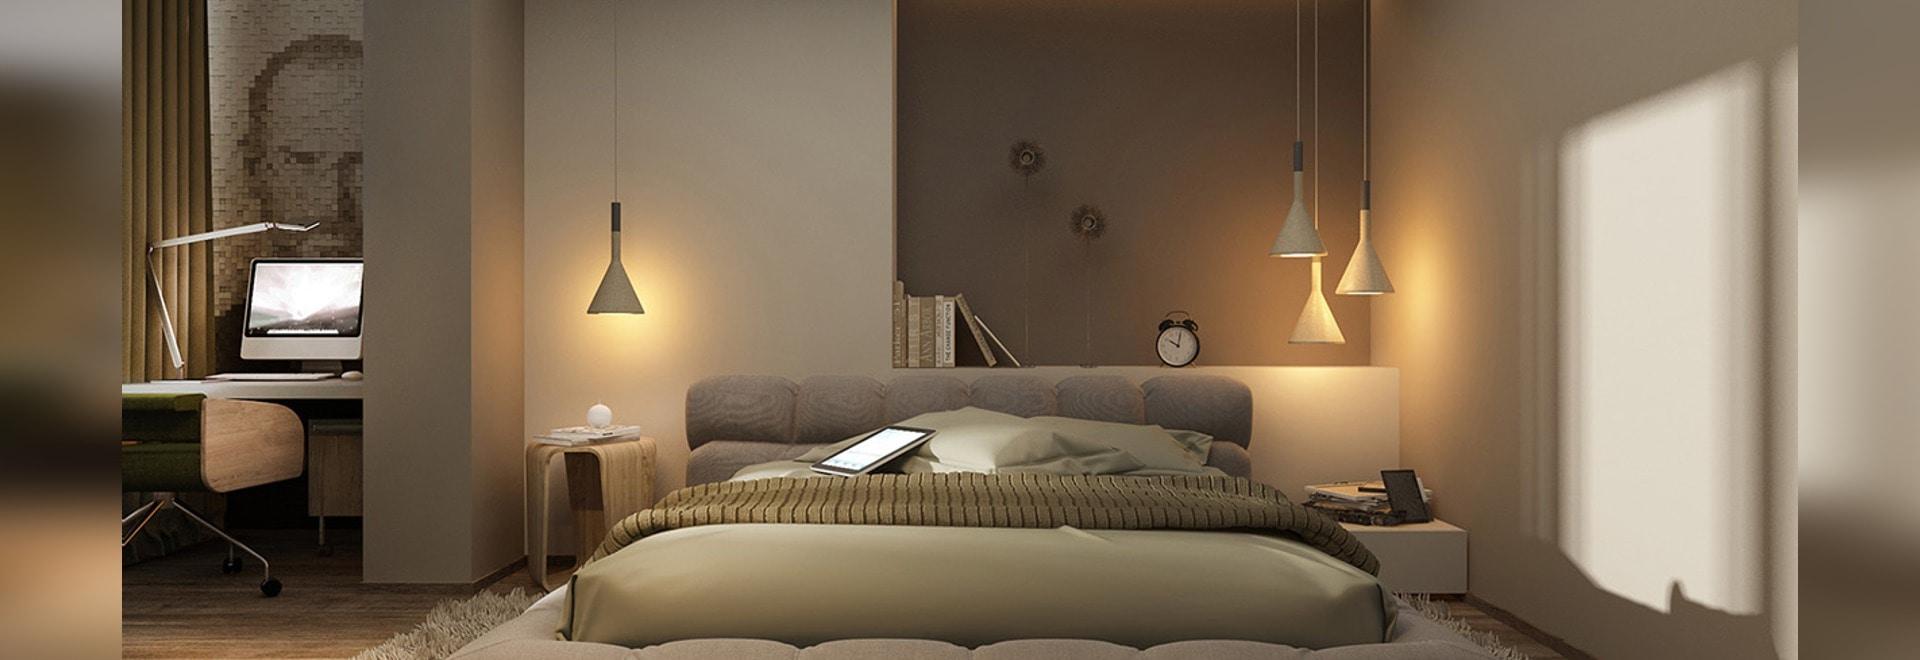 Schöne Schlafzimmer vollkommen für Lounging den ganzen Tag ...